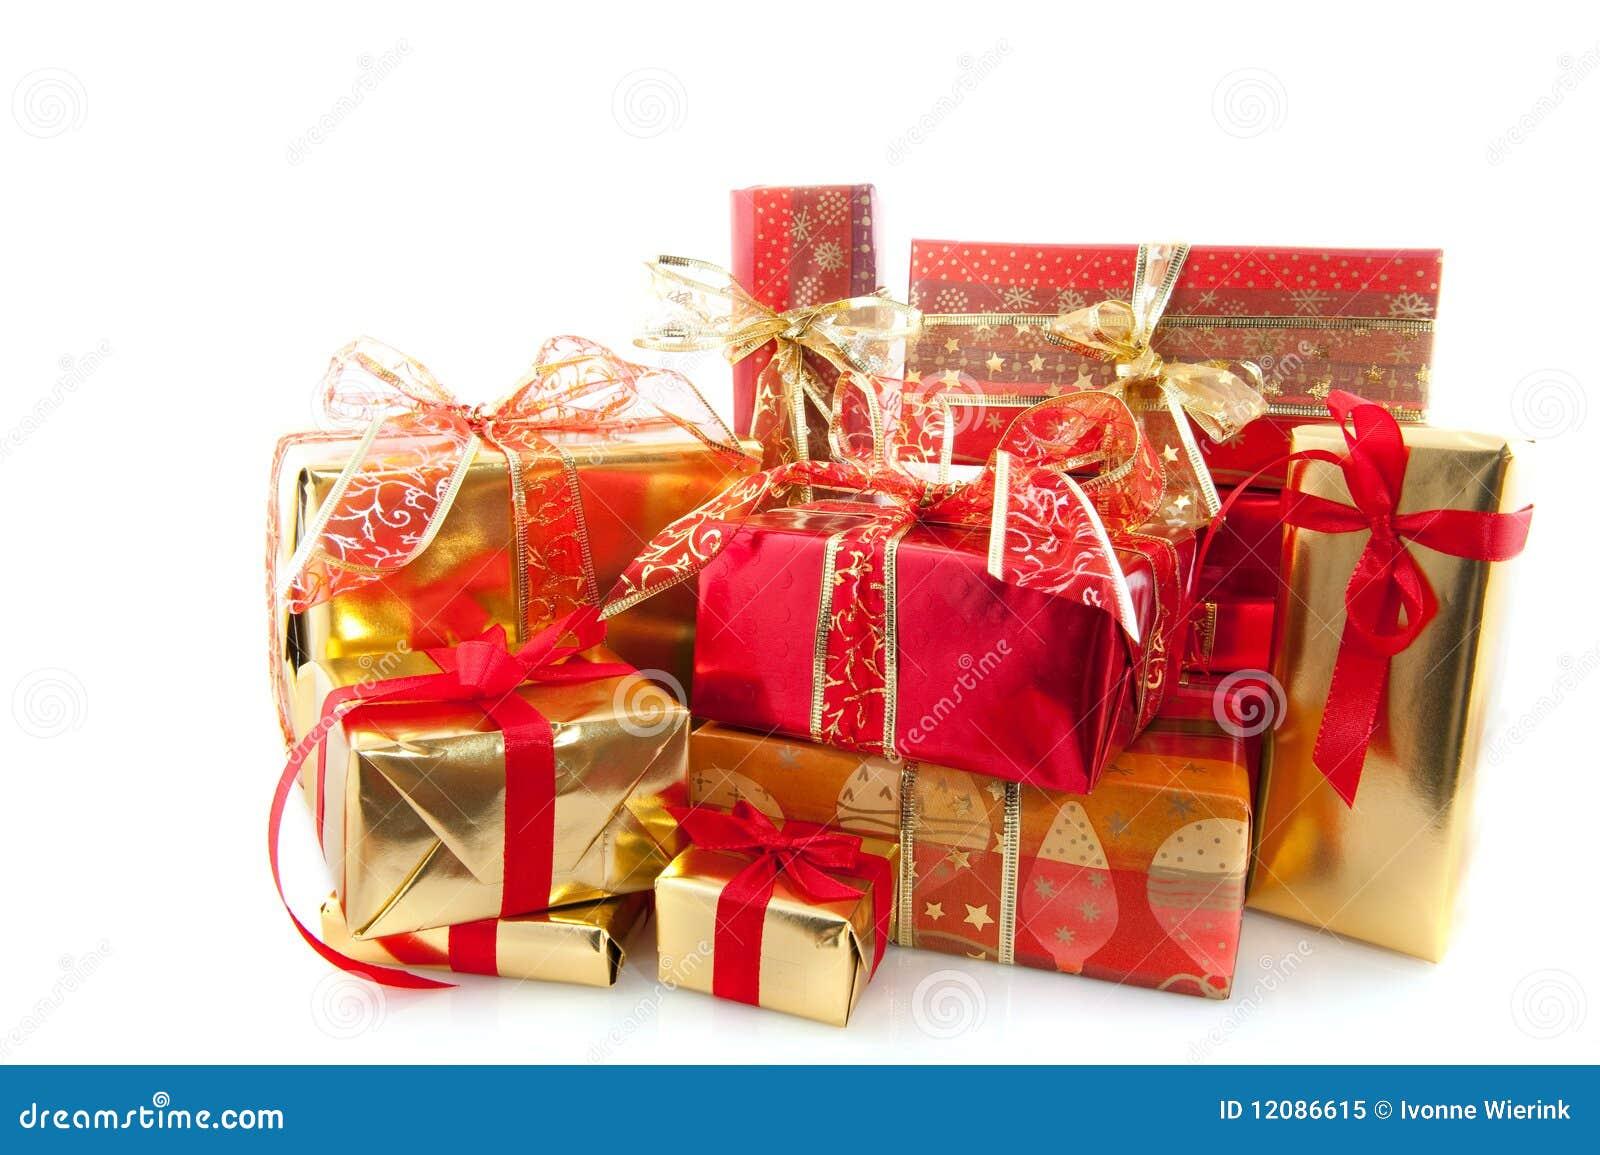 viele weihnachtsgeschenke lizenzfreies stockfoto bild. Black Bedroom Furniture Sets. Home Design Ideas